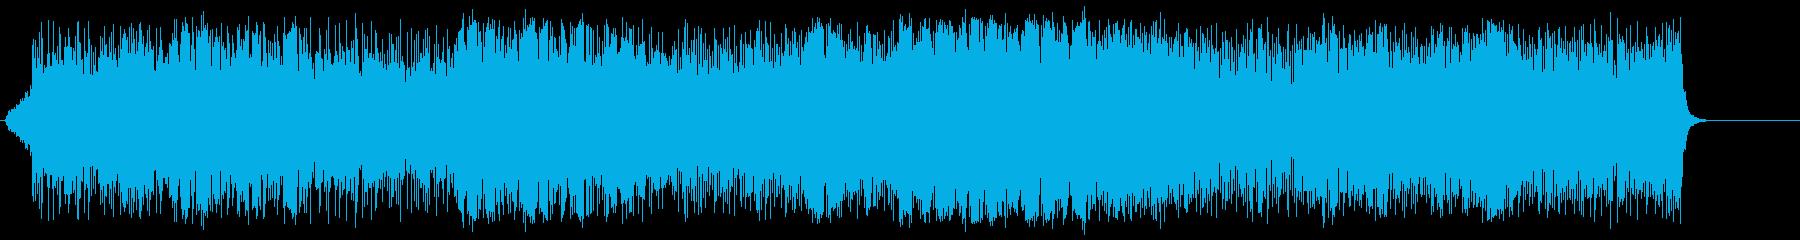 途方に暮れるサスペンス風BGの再生済みの波形